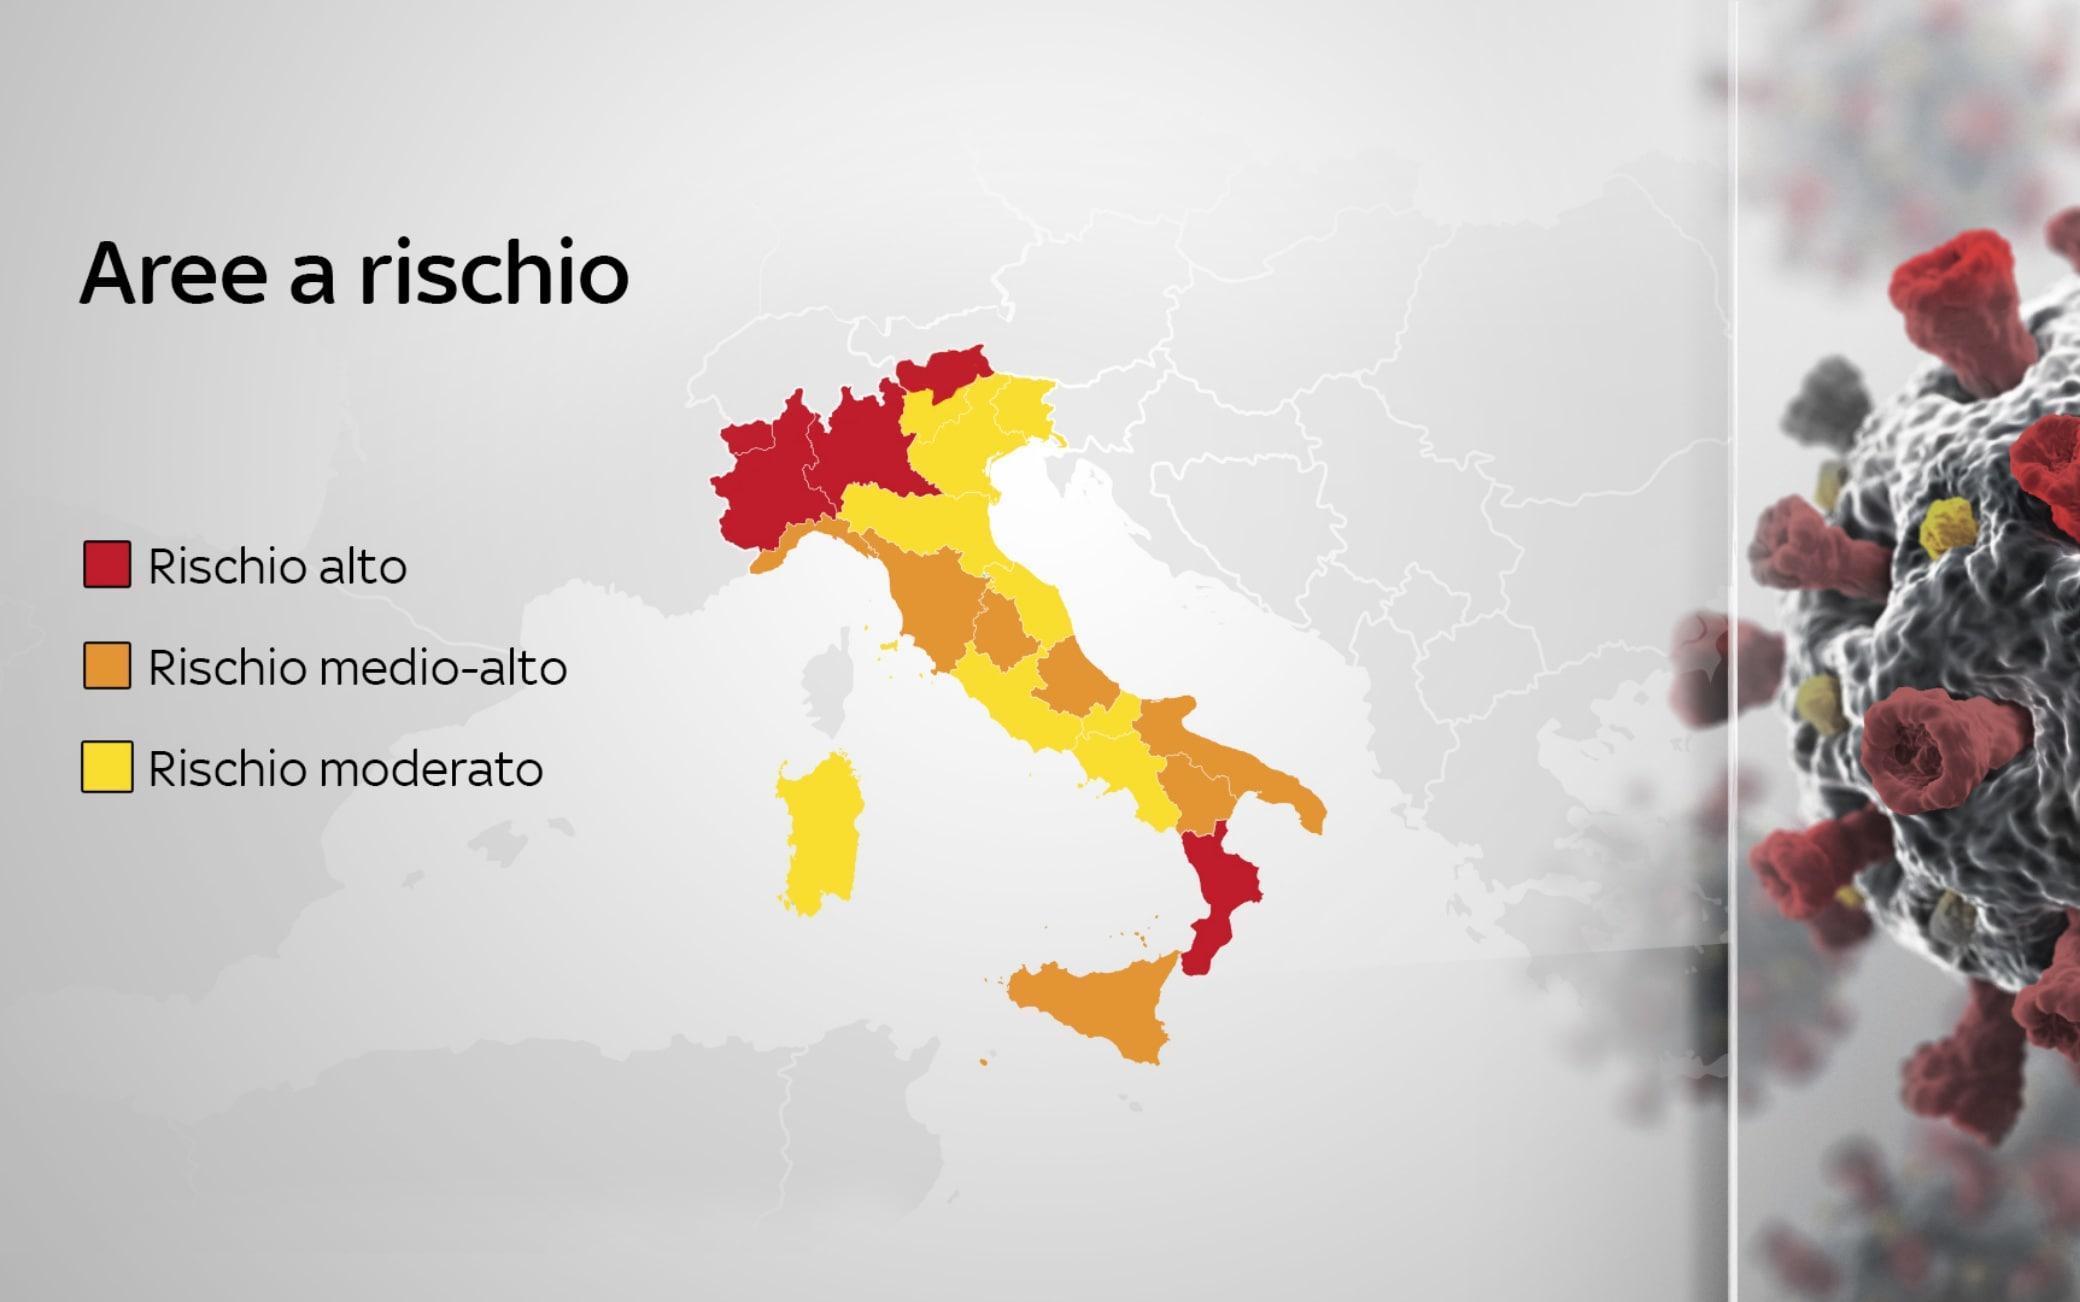 Cartina Italia Suddivisa In Regioni.Covid La Mappa Delle Regioni In Zona Rossa Arancione E Gialla Secondo Il Nuovo Dpcm